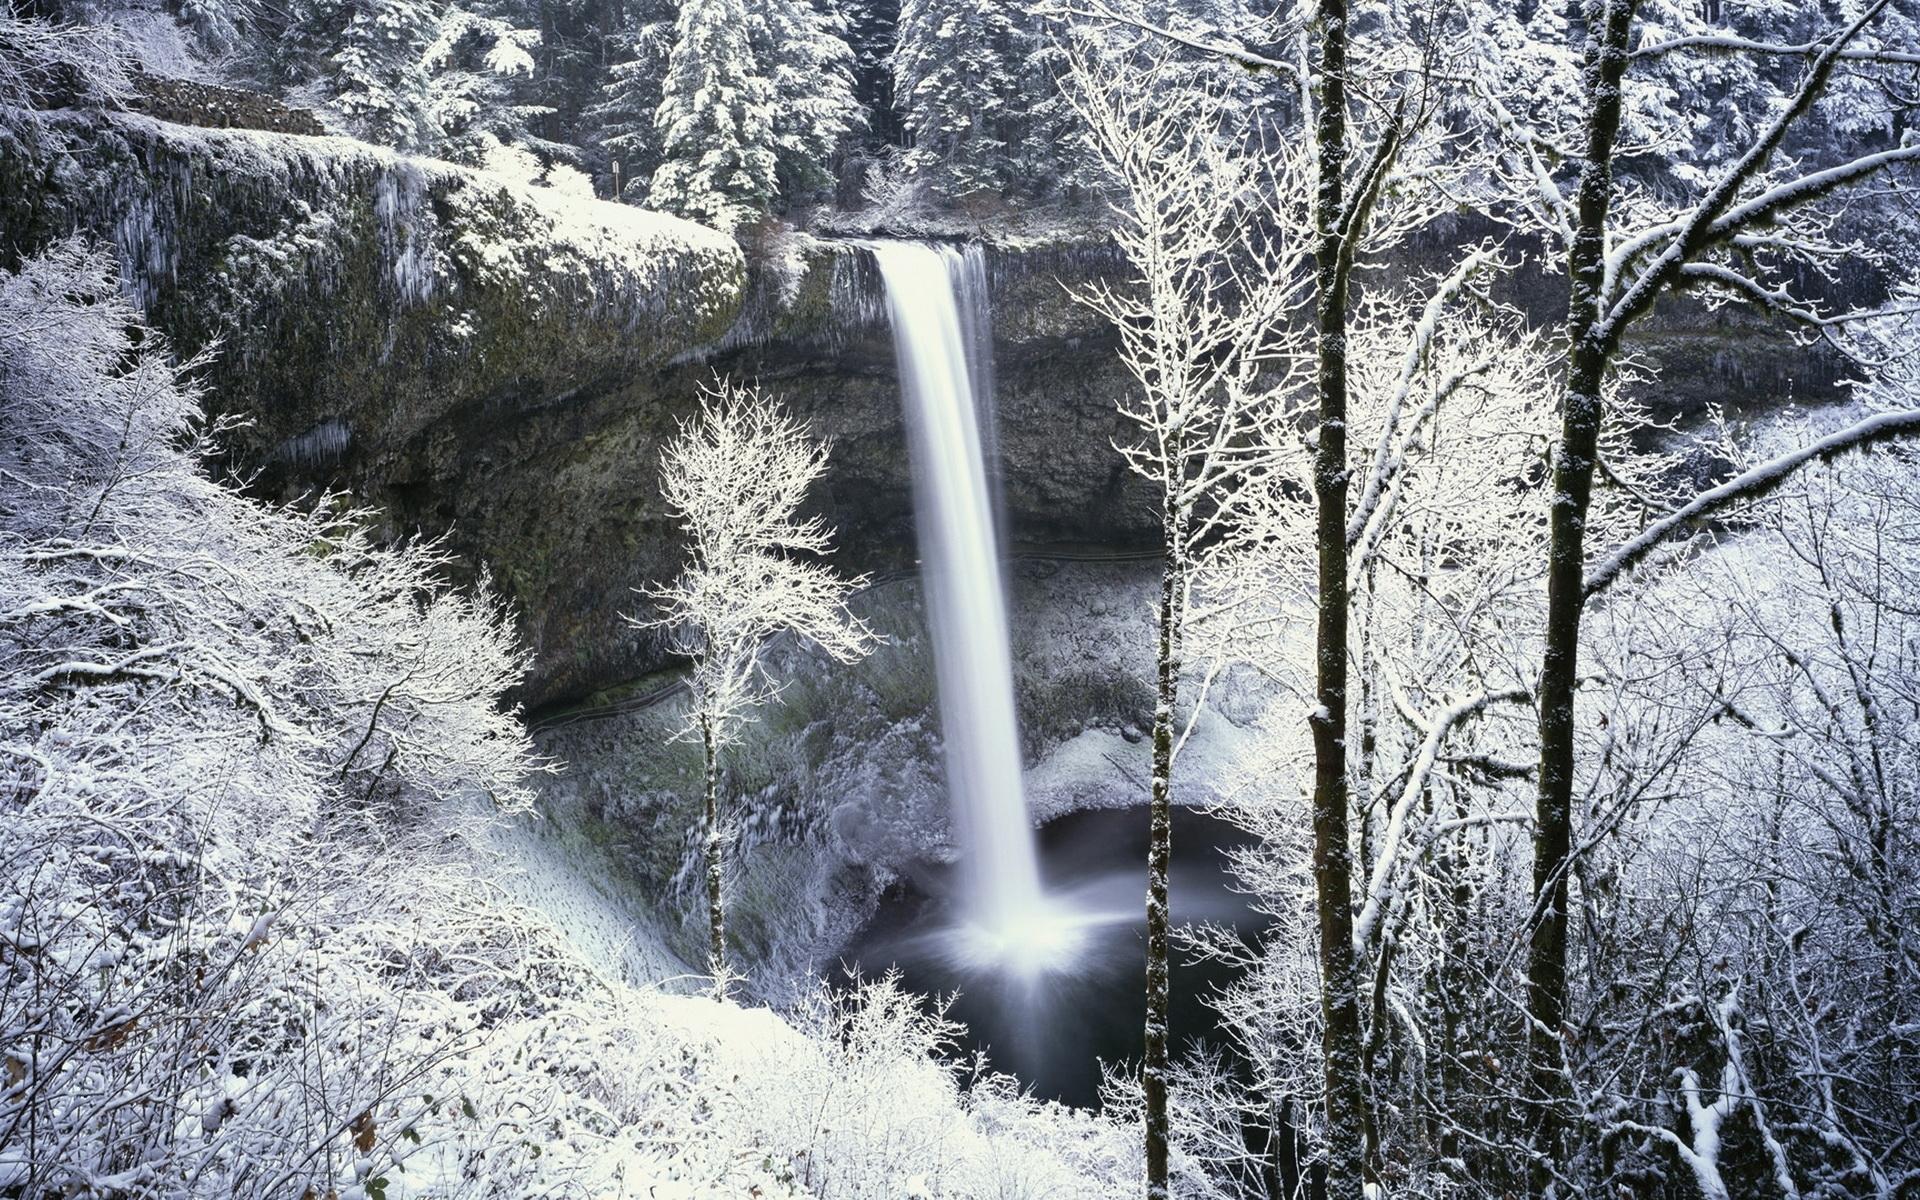 50314 Hintergrundbild herunterladen Wasserfälle, Landschaft, Winterreifen, Natur, Schnee - Bildschirmschoner und Bilder kostenlos